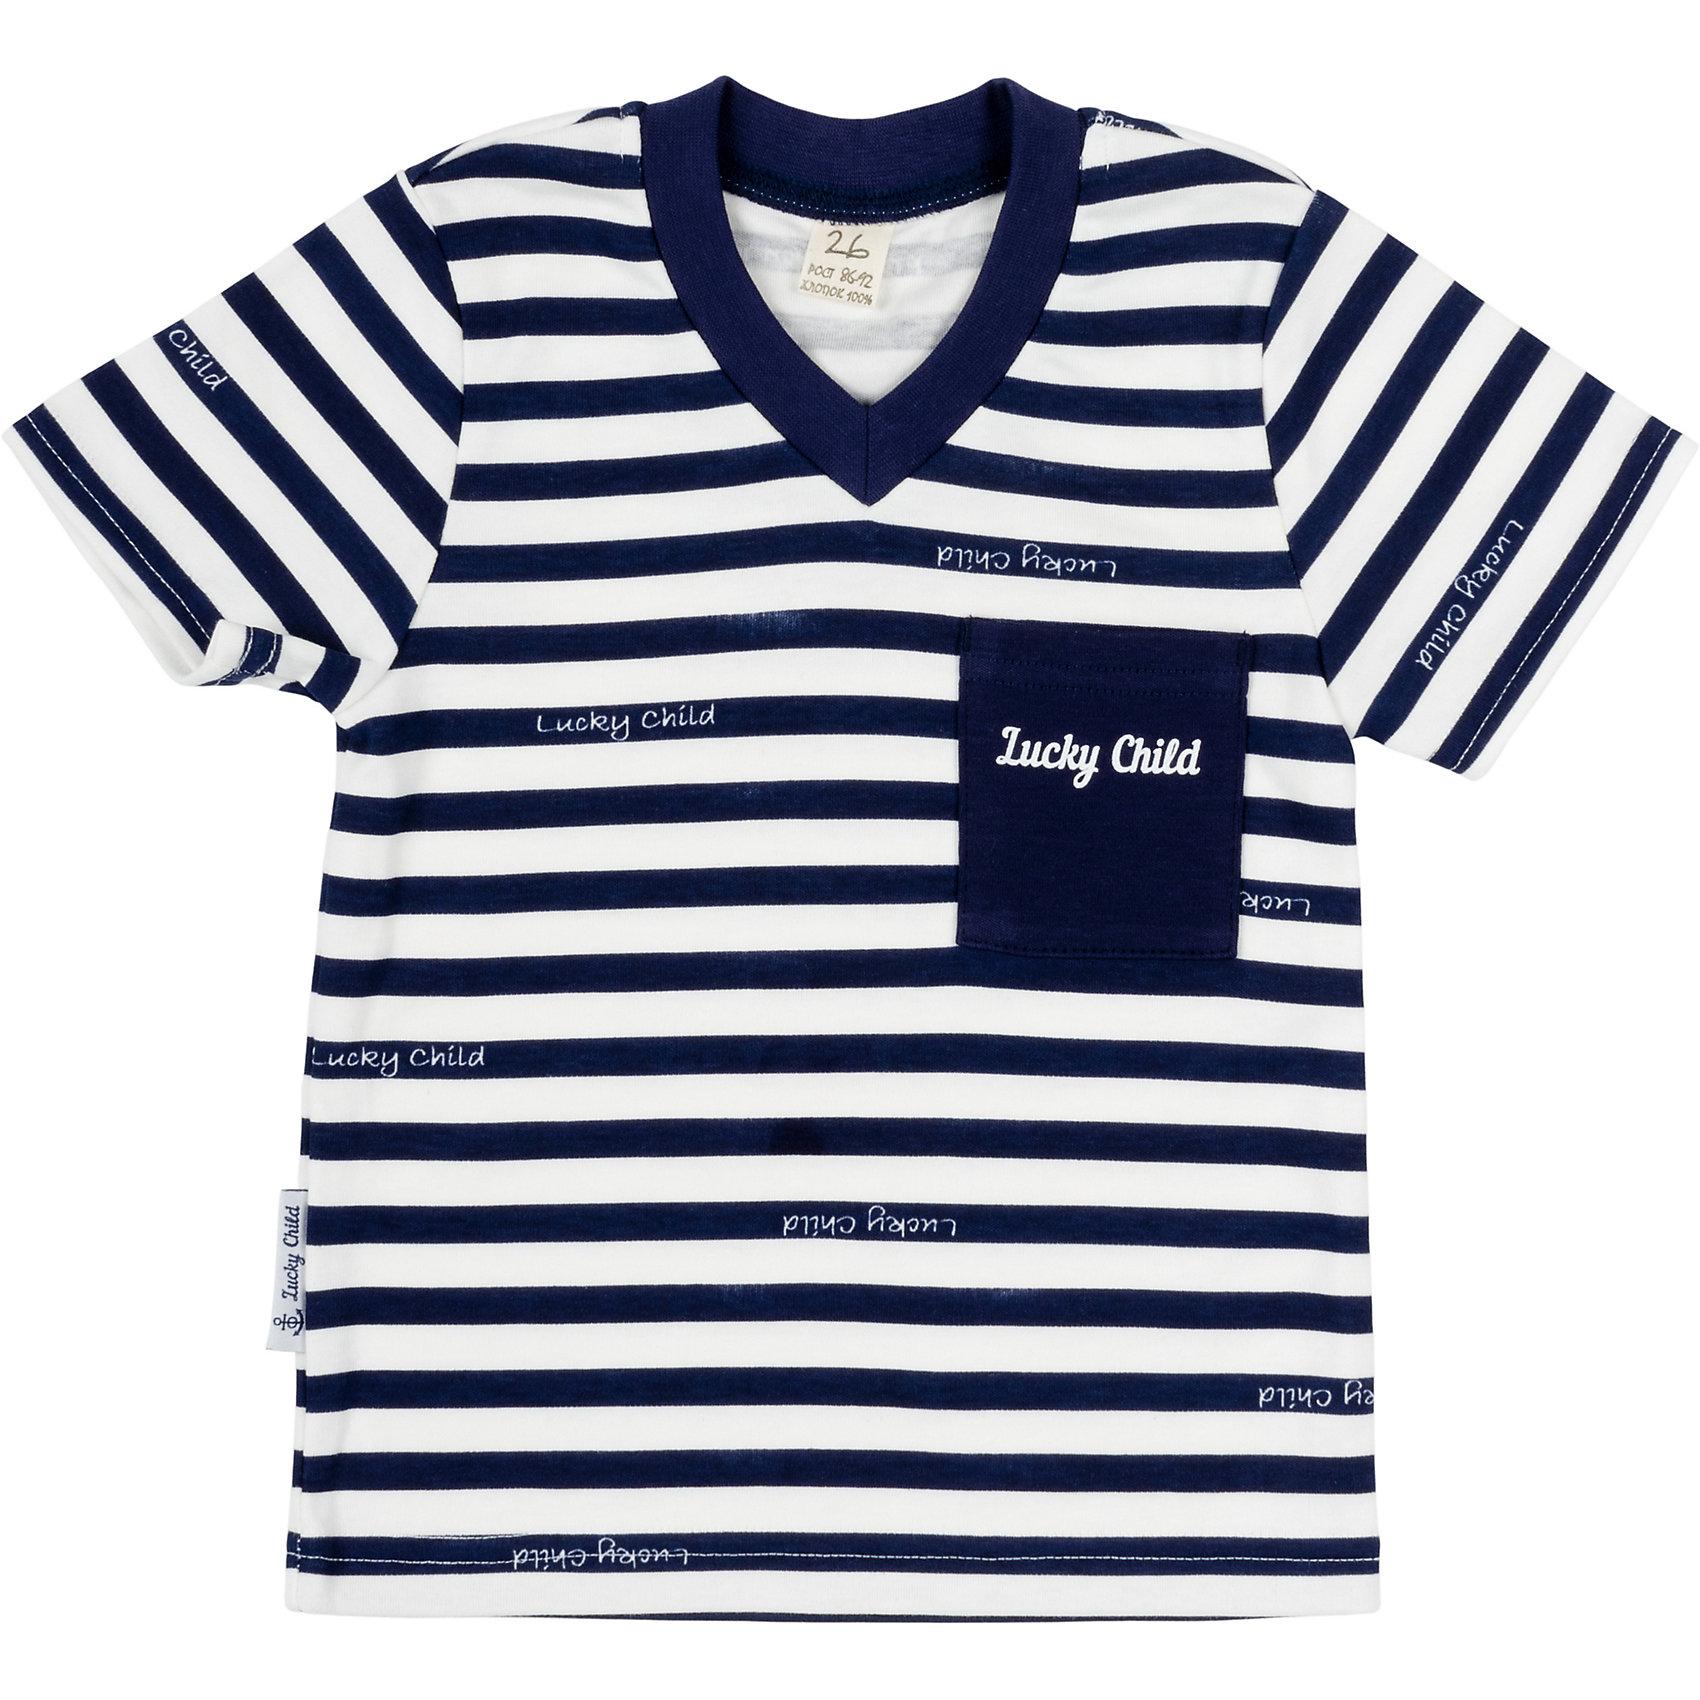 Комплект футболок (2 шт.) для мальчика Lucky ChildФутболки, топы<br>Комплект футболок (2 шт.) для мальчика Lucky Child<br>Как это здорово иметь удобную, мягкую  и стильную футболку. А лучше две! Например, комплект футболок из новой коллекции «Лазурный берег» от Lucky Child. Вы можете менять их согласно своему настроению или расположению звезд на небе. Самое главное – качество, всегда останется неизменным.<br>Состав : 100% хлопок<br><br>Ширина мм: 157<br>Глубина мм: 13<br>Высота мм: 119<br>Вес г: 200<br>Цвет: синий<br>Возраст от месяцев: 6<br>Возраст до месяцев: 9<br>Пол: Мужской<br>Возраст: Детский<br>Размер: 116/122,110/116,98/104,92/98,86/92,80/86,74/80,68/74,122/128,128/134,104/110<br>SKU: 4807162